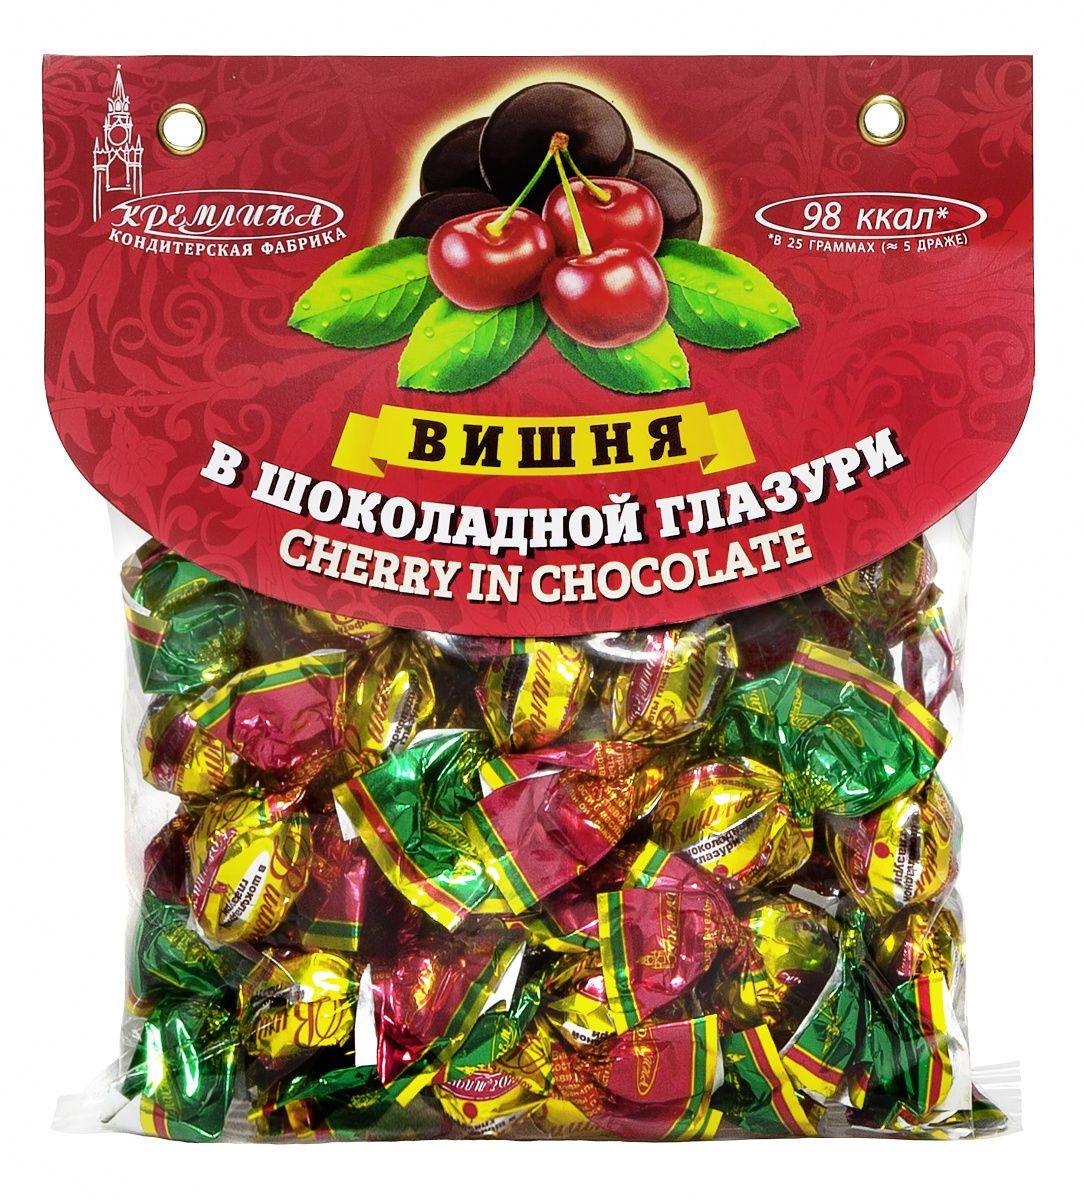 Кремлина Вишня в шоколадной глазури, 130 г4607039271348Сладость вишни напомнит вам о лучших летних воспоминаниях, принесет ощущение умиротворения и радости. Попробуйте драже Вишня в шоколадной глазури от компании Кремлина и убедитесь сами.Уважаемые клиенты! Обращаем ваше внимание на то, что упаковка может иметь несколько видов дизайна. Поставка осуществляется в зависимости от наличия на складе.